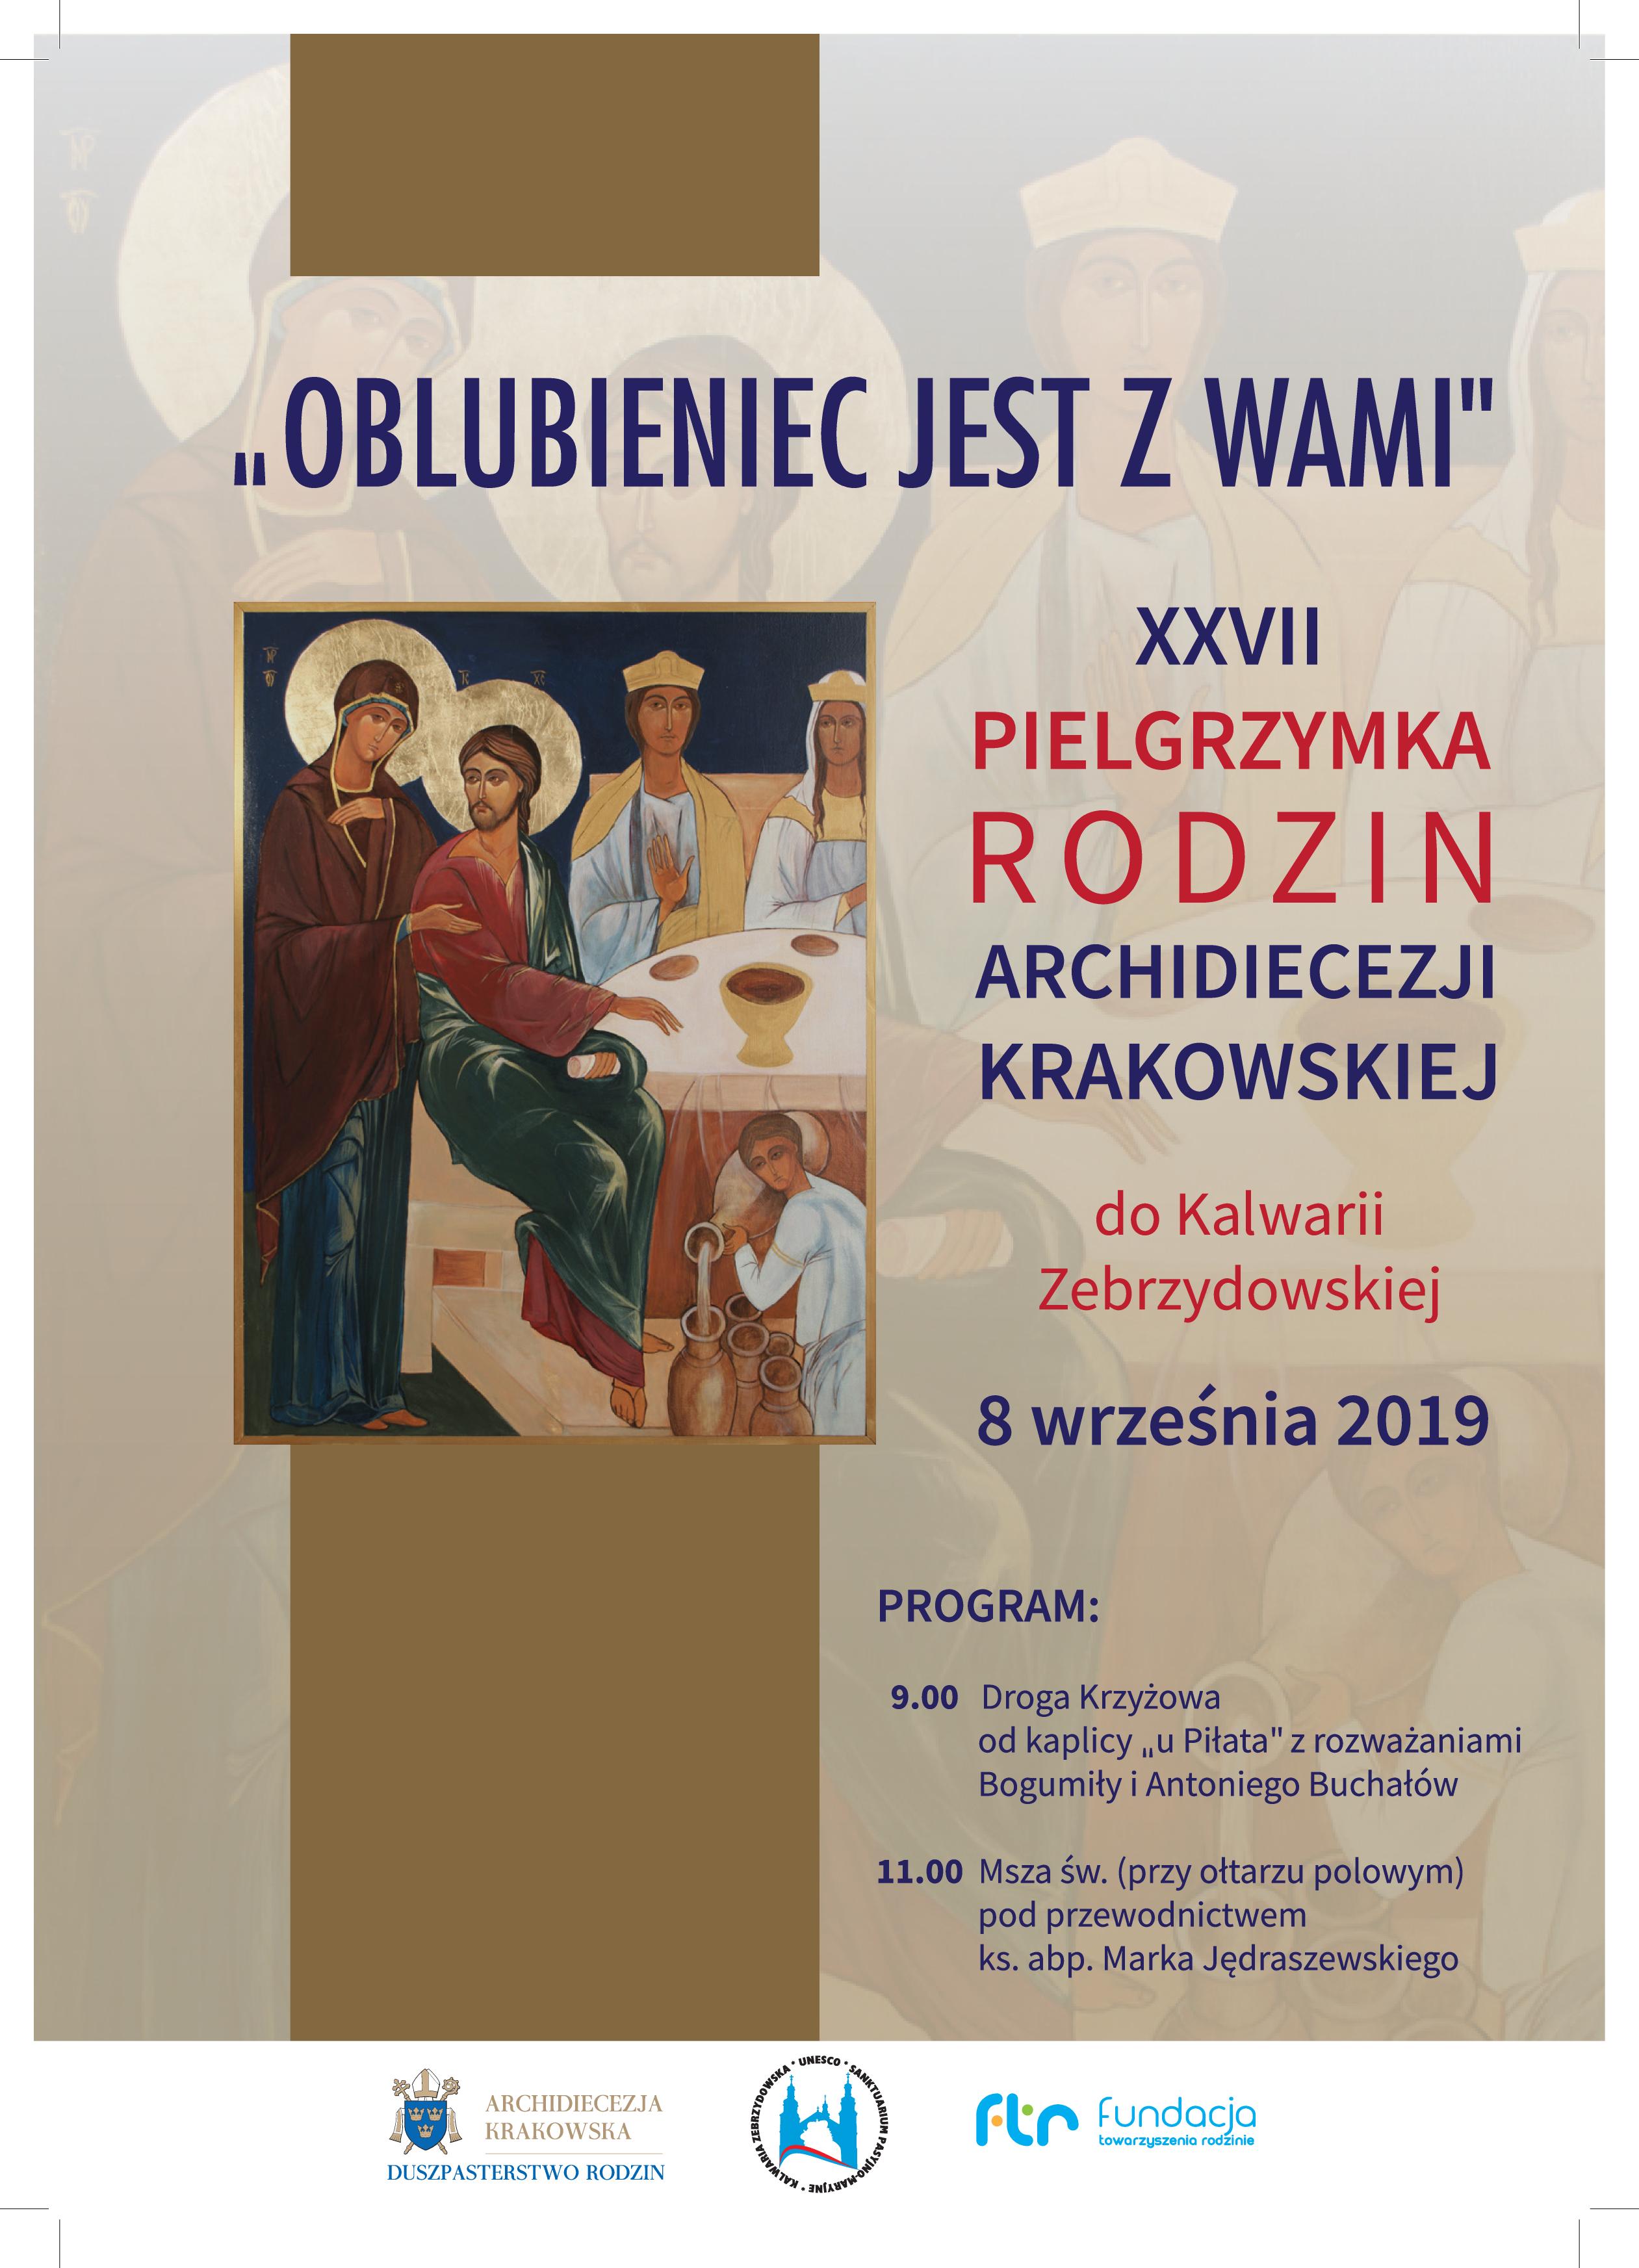 Zaproszenie na XXVII Pielgrzymkę Rodzin Archidiecezji Krakowskiej do Kalwarii Zebrzydowskiej